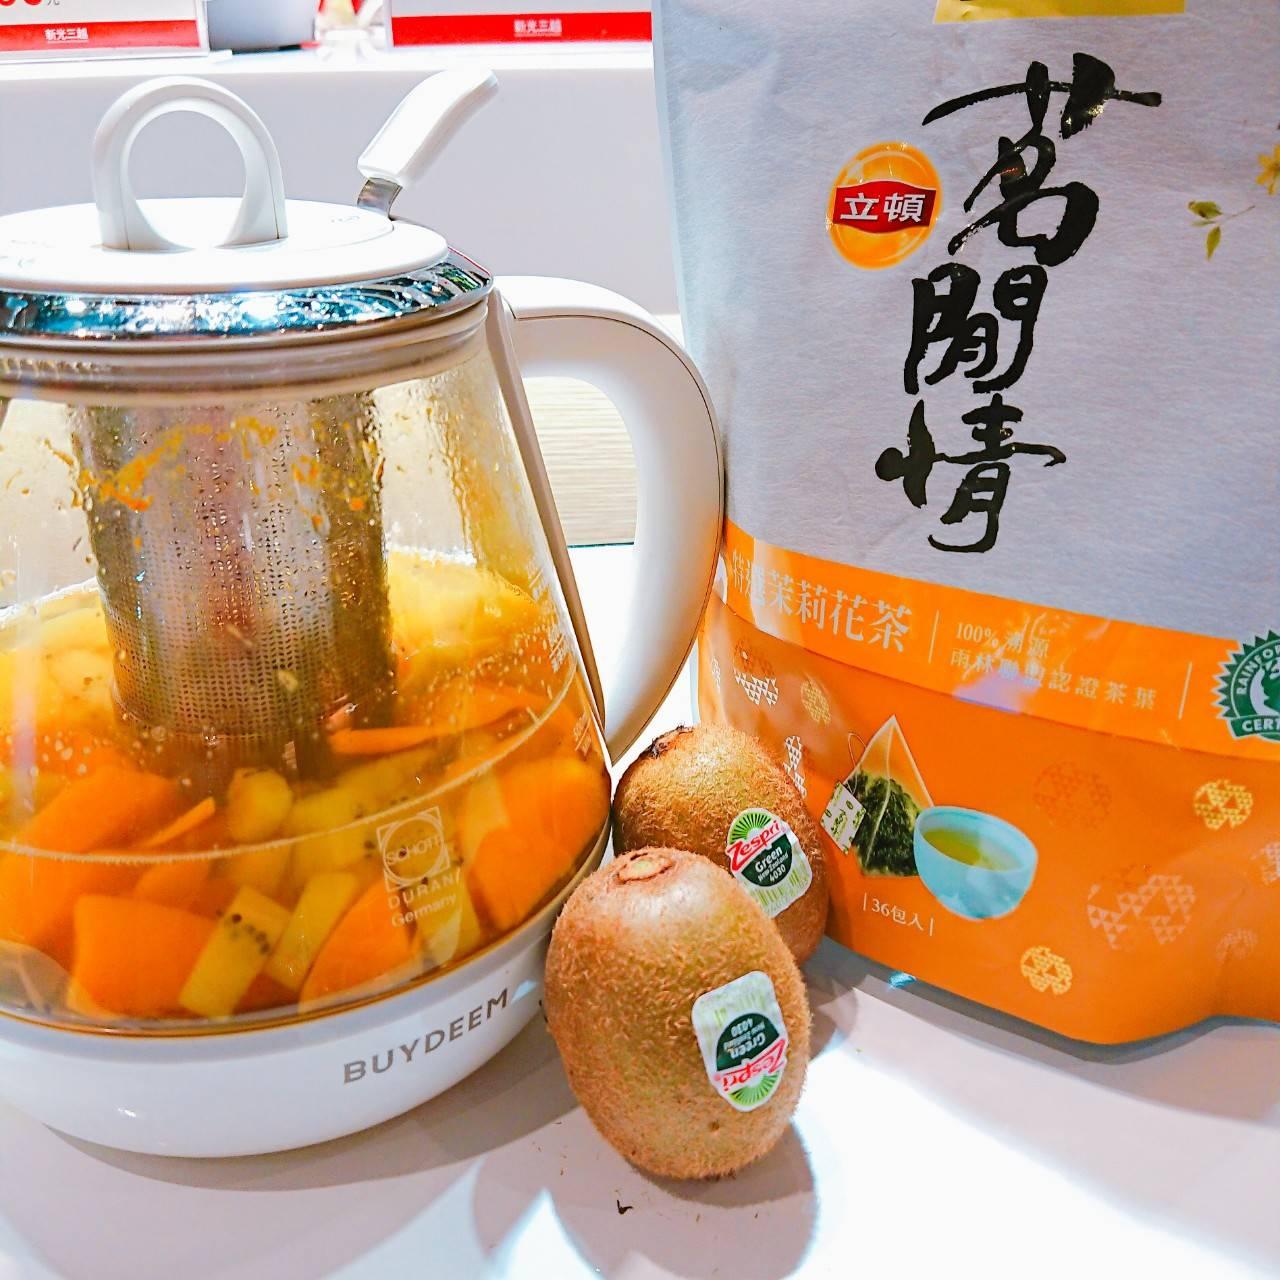 大侑-百貨分享會-Vitamix-北鼎One用壺-奇異果-茶飲